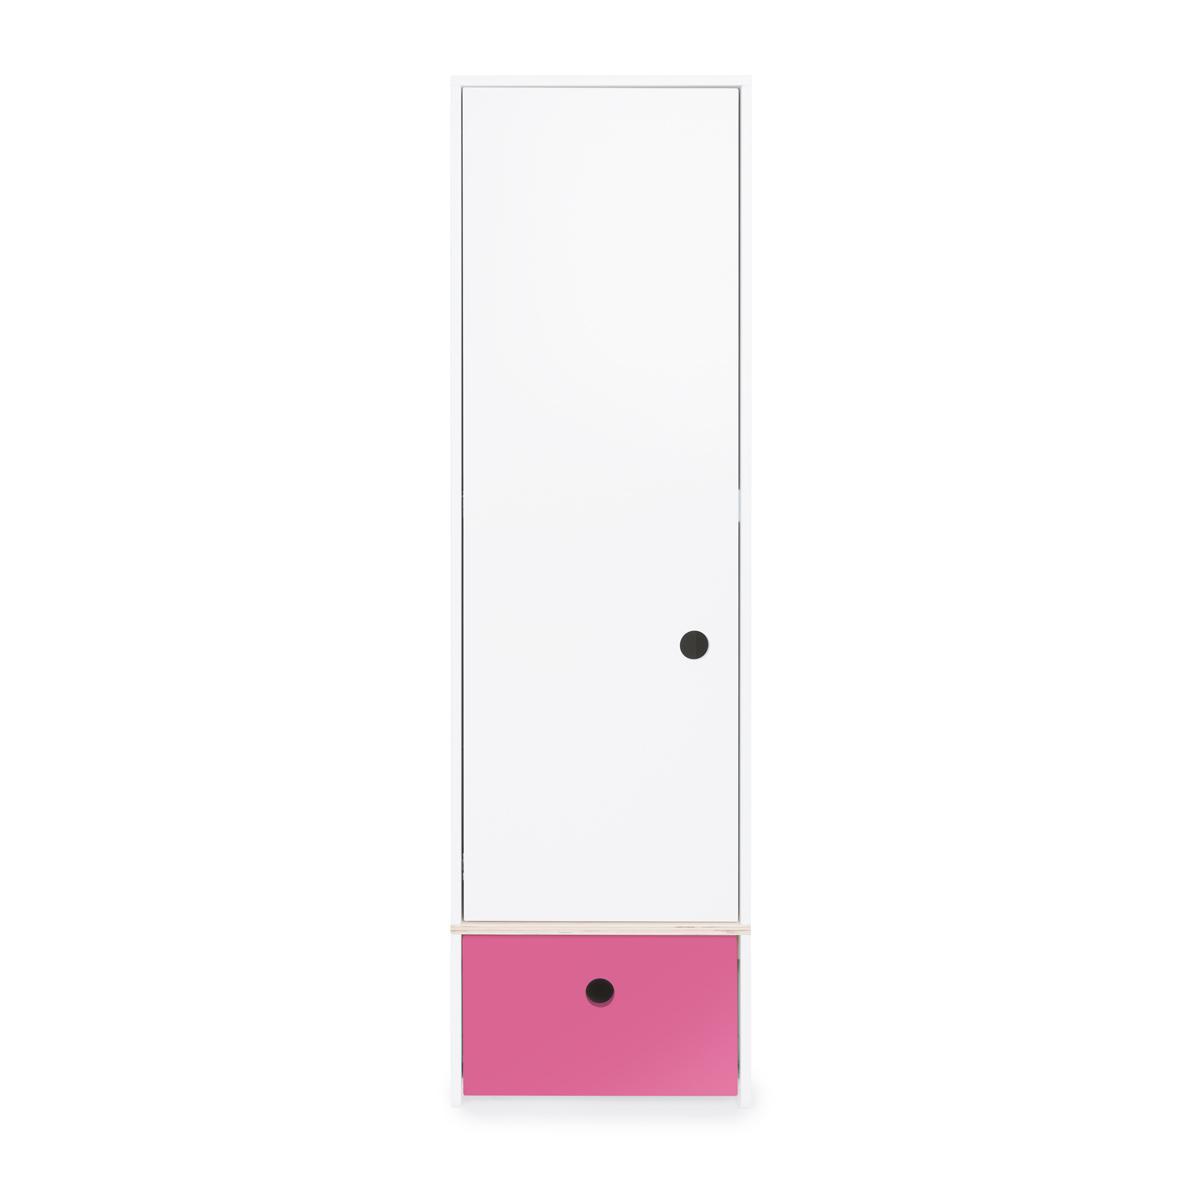 Armoire 1 porte façade tiroir fushia